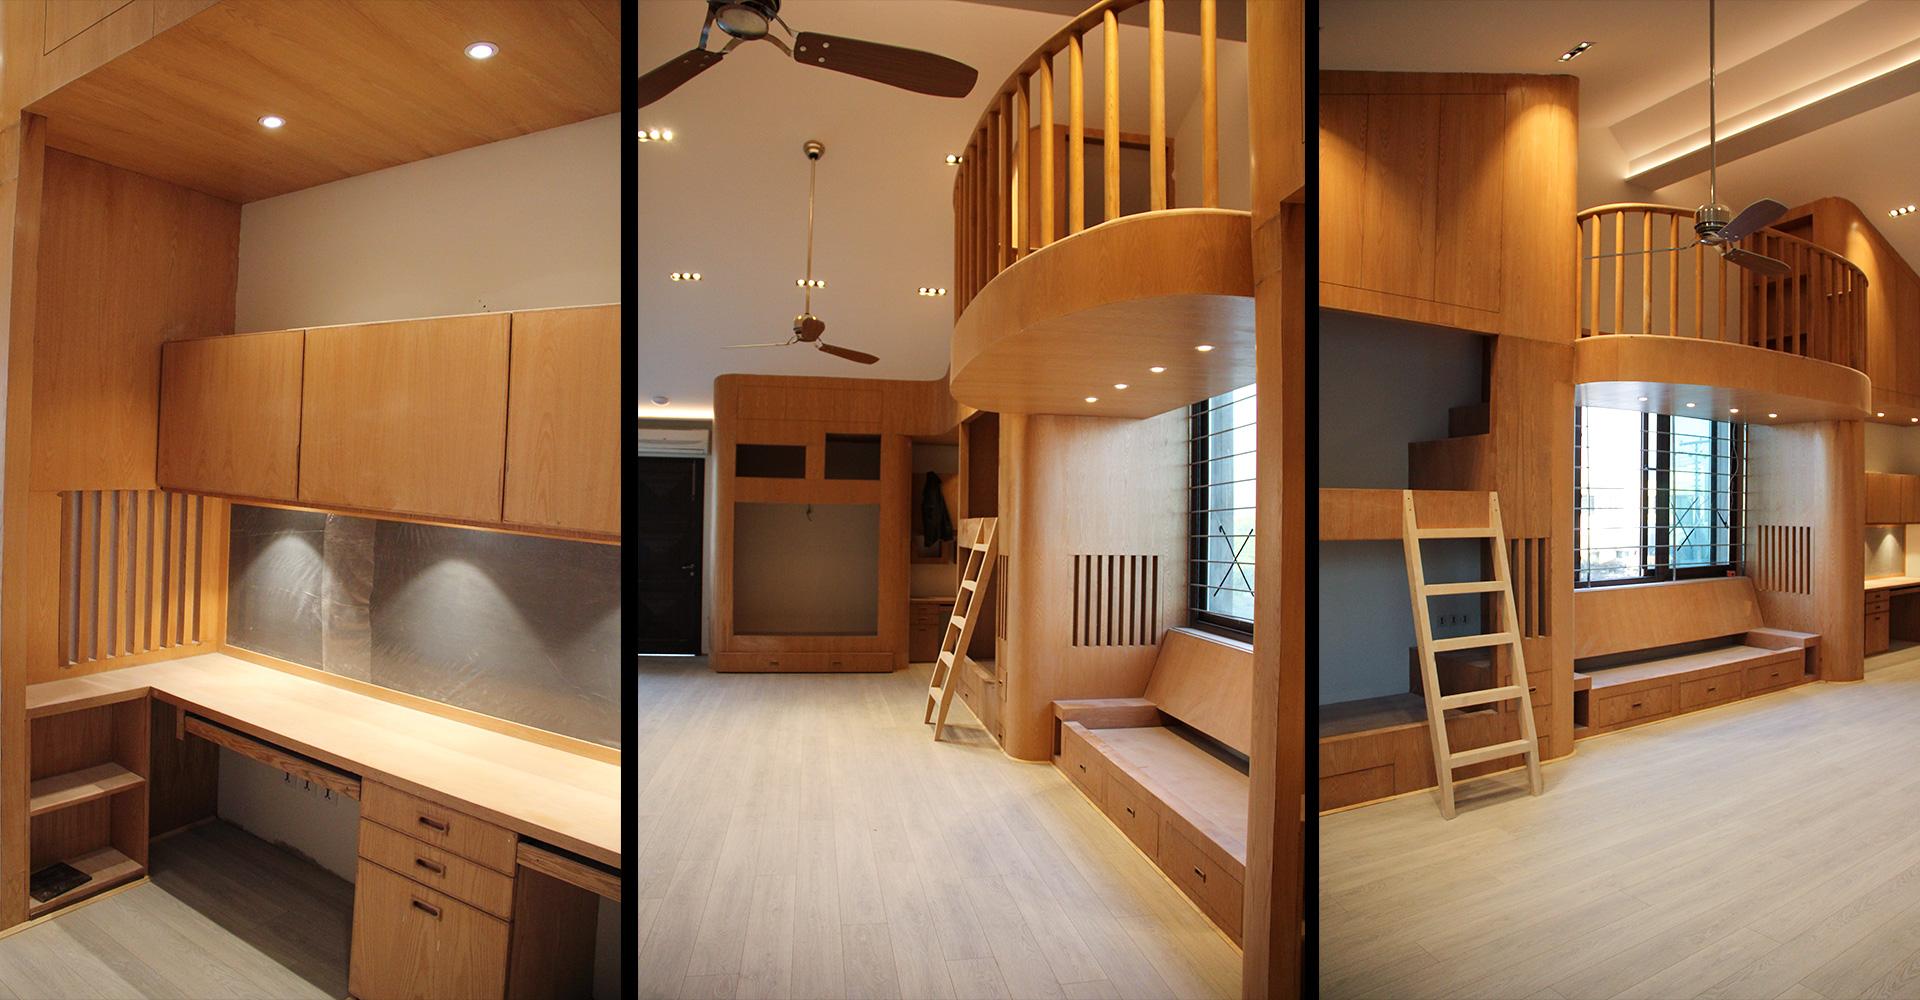 Residential-Interior-Design-Hiline-Lahore-portfolio-65J-DHA-EME-05 (19)